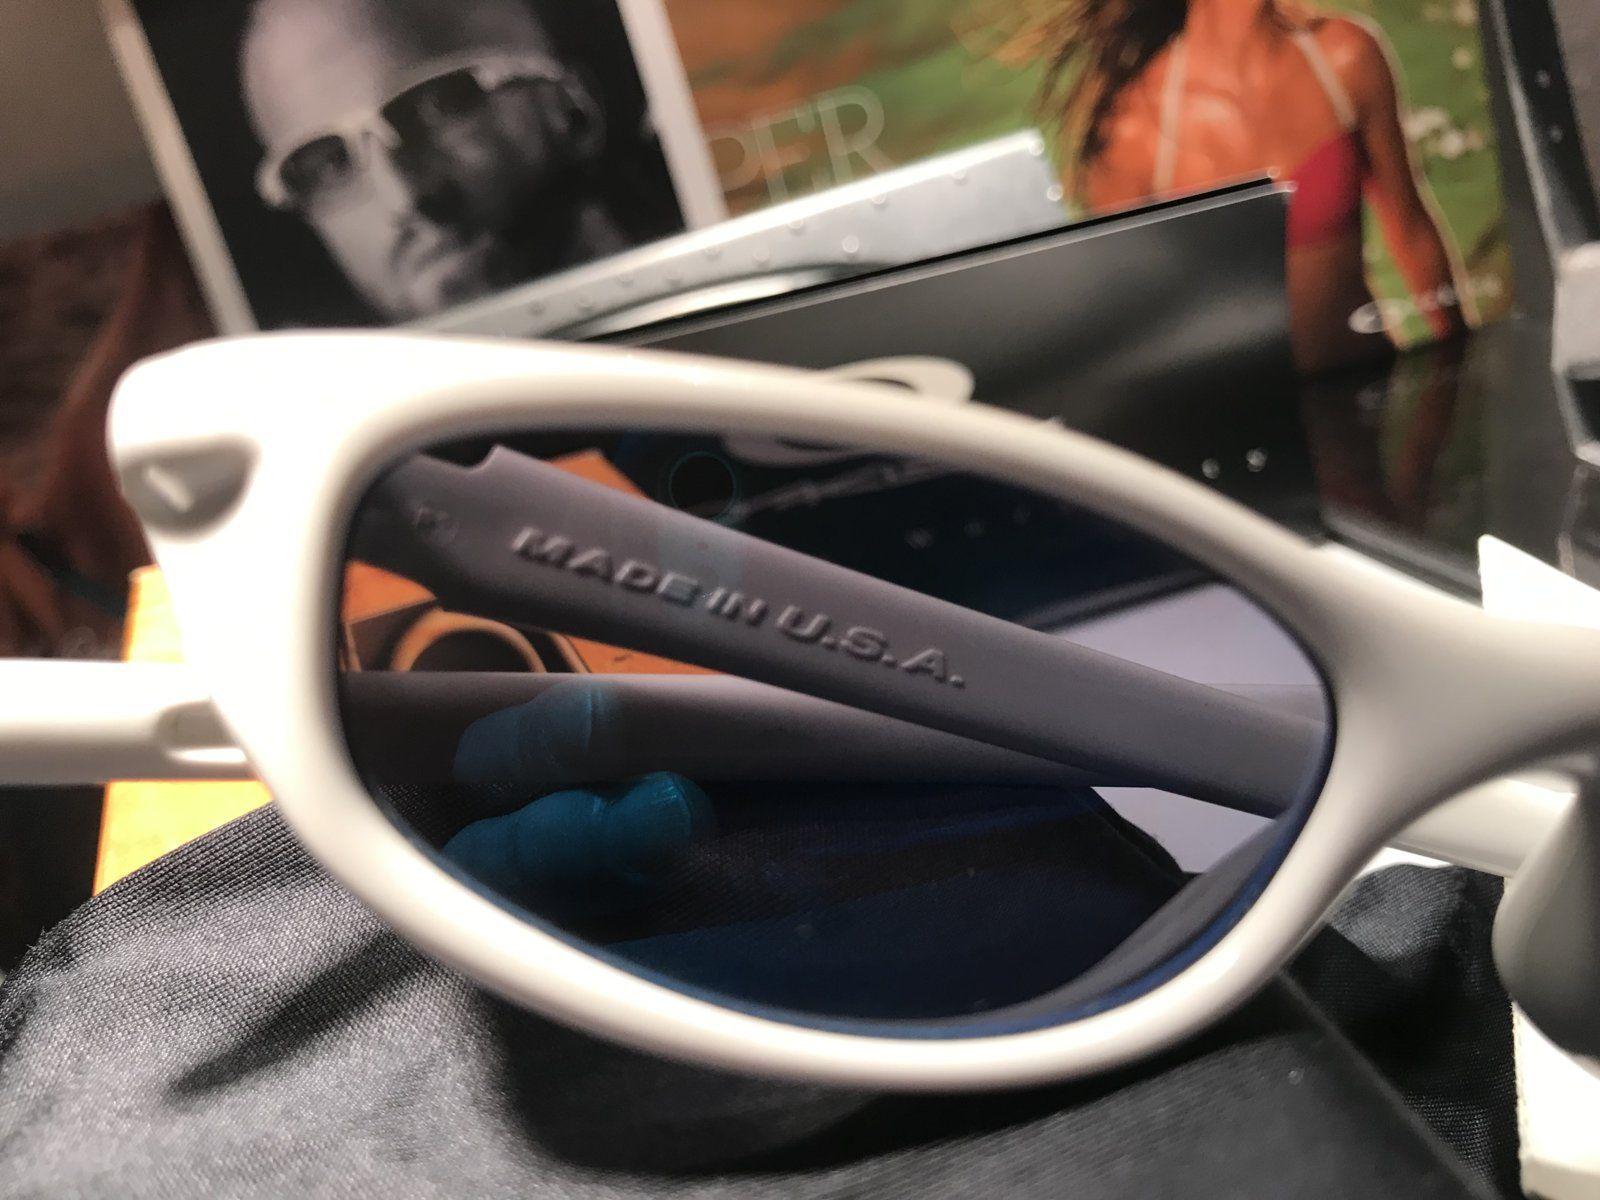 Bnib Four S White w/ blue lenses - 9EE39C91-93A2-42A8-935F-5660E9903F3D.jpeg